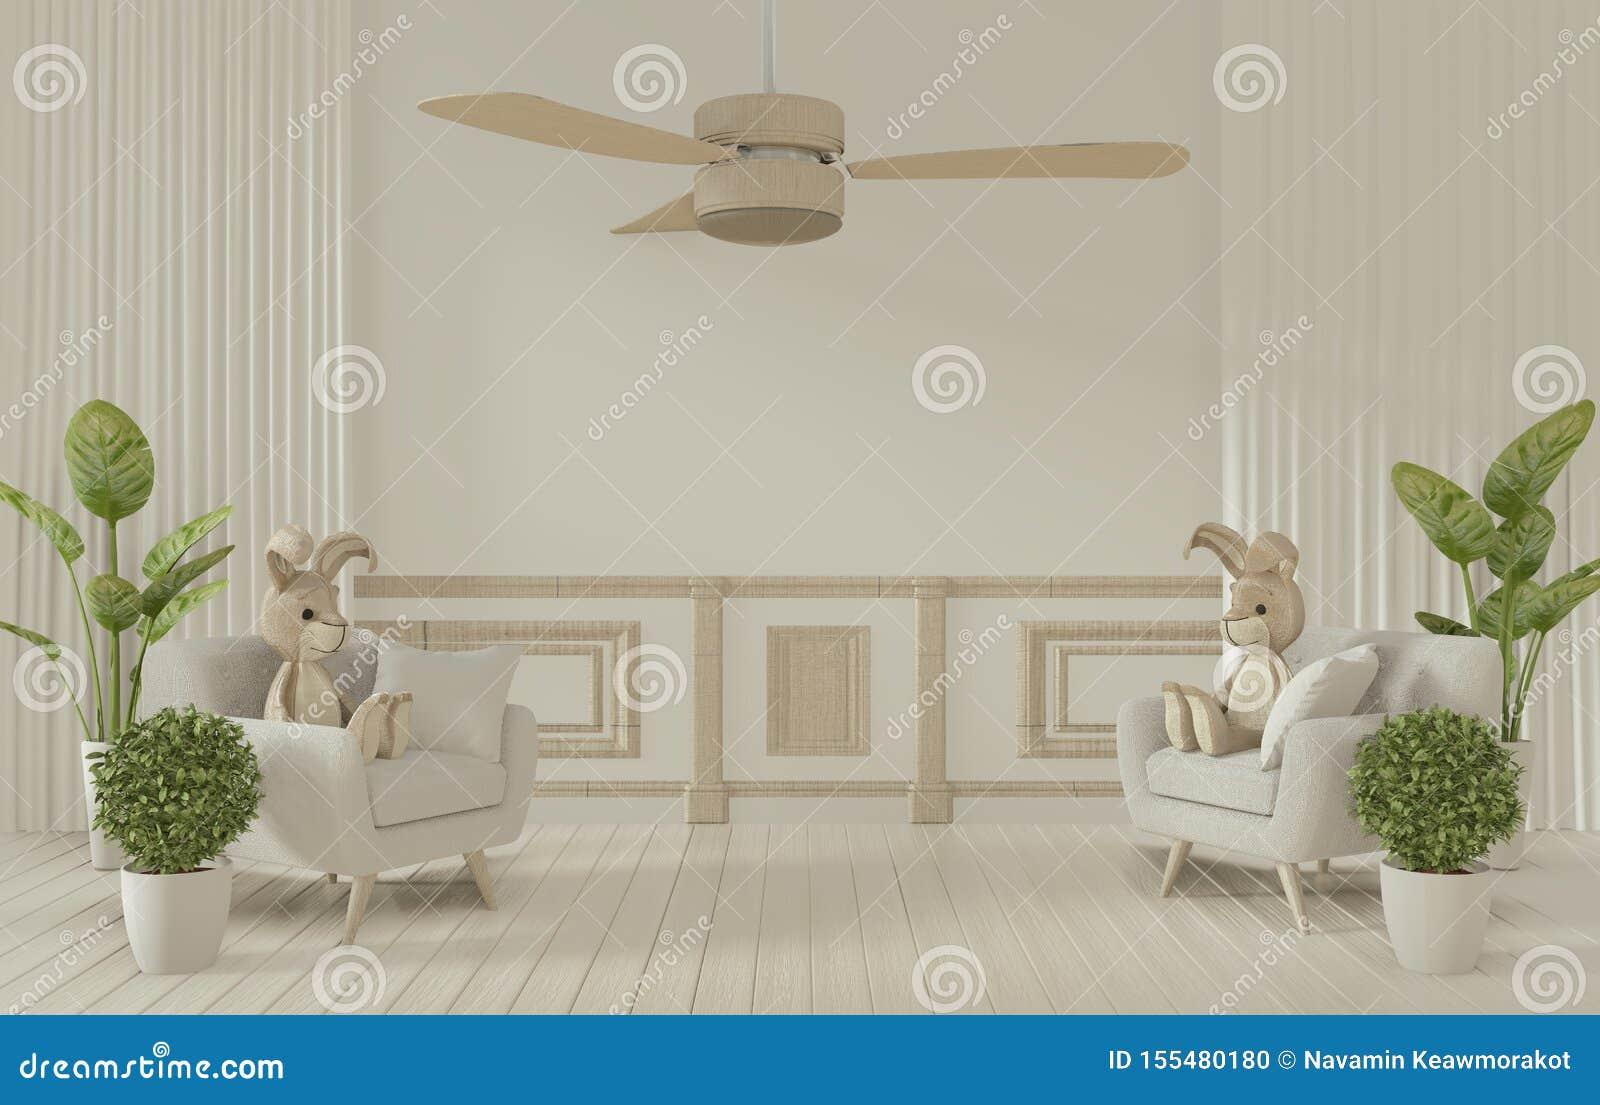 Mock omhoog - Mock witte ruimte binnenshuis en decoratie op 3D-rendering